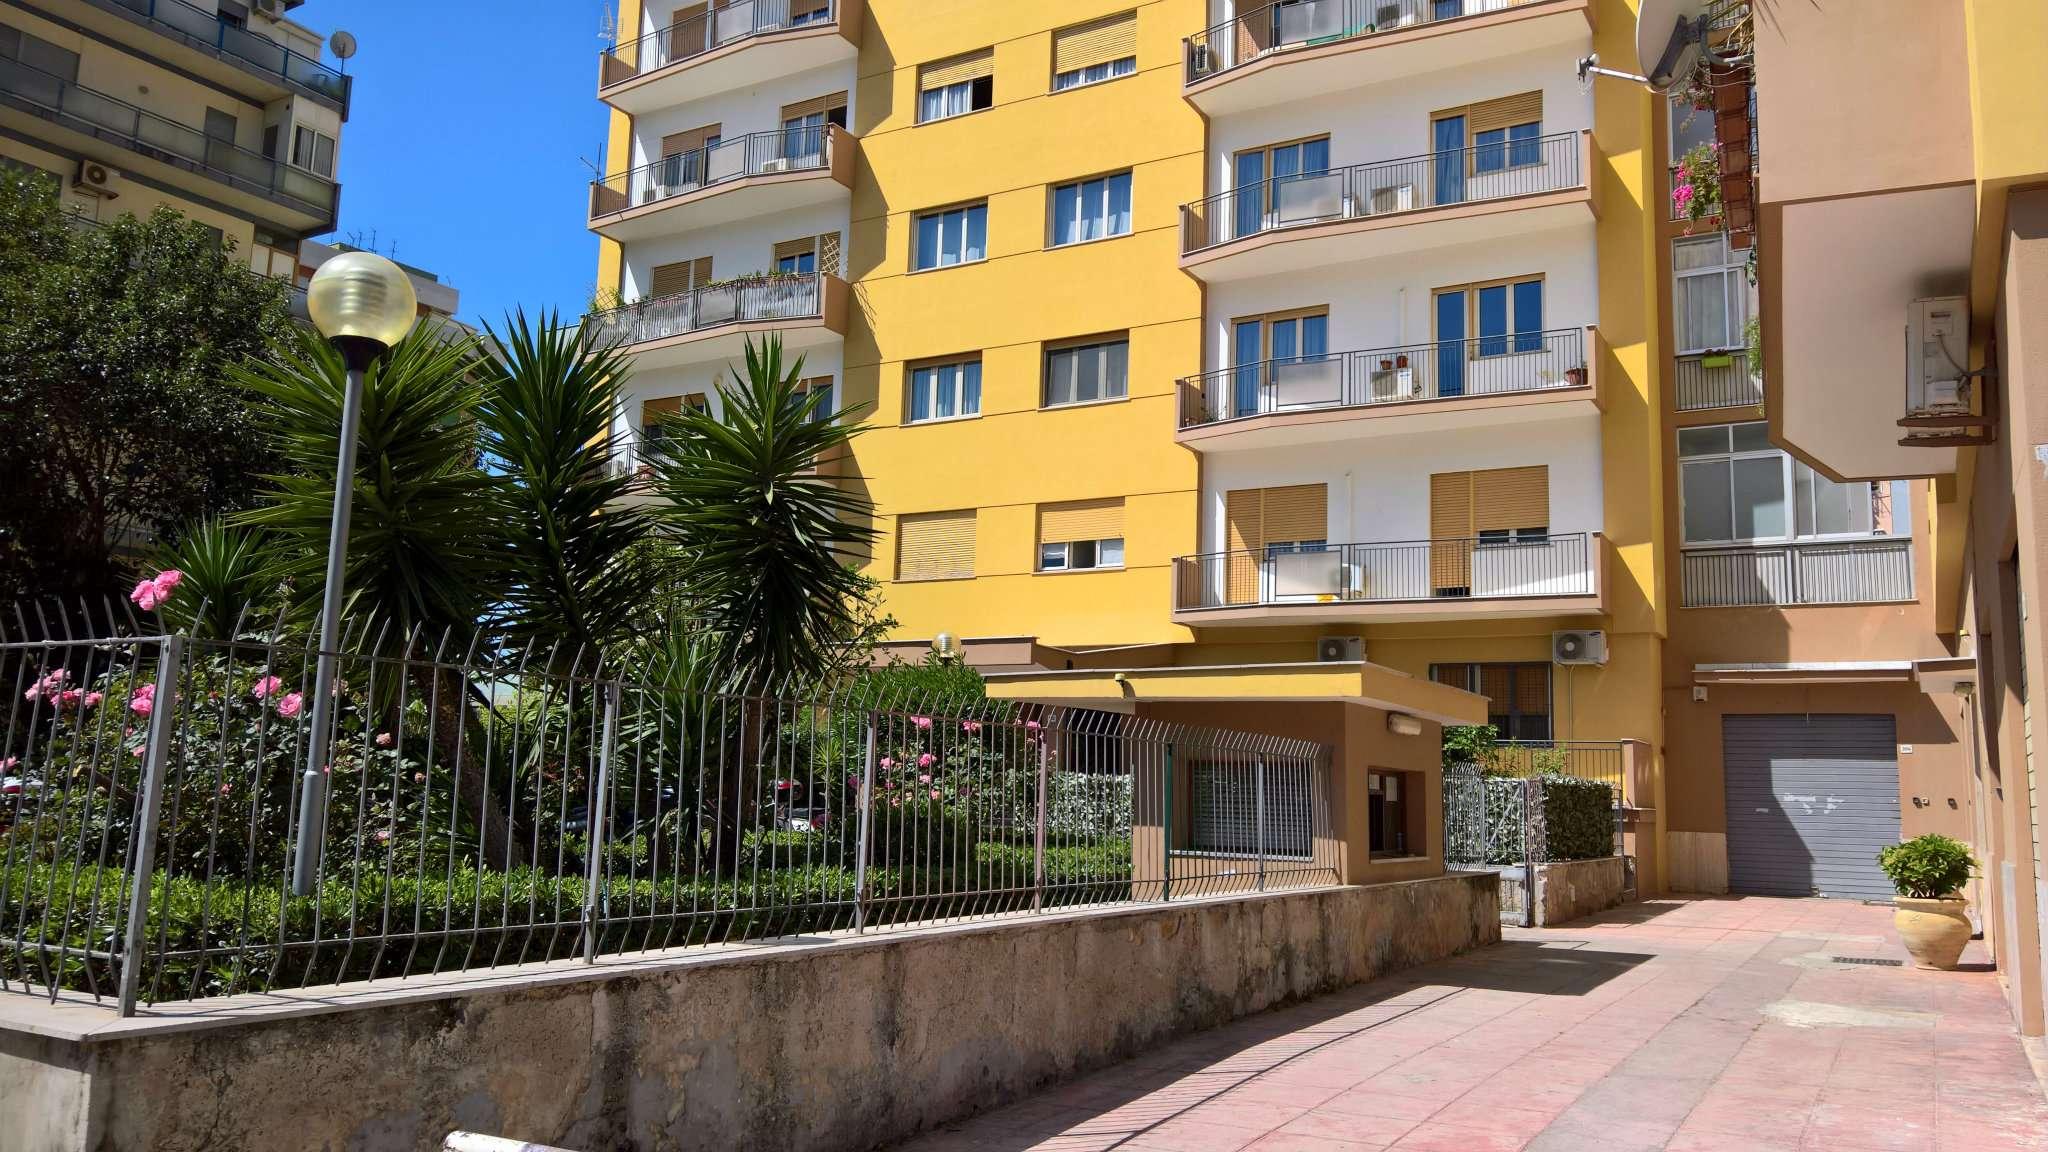 Magazzino in Vendita a Palermo Centro: 1 locali, 45 mq